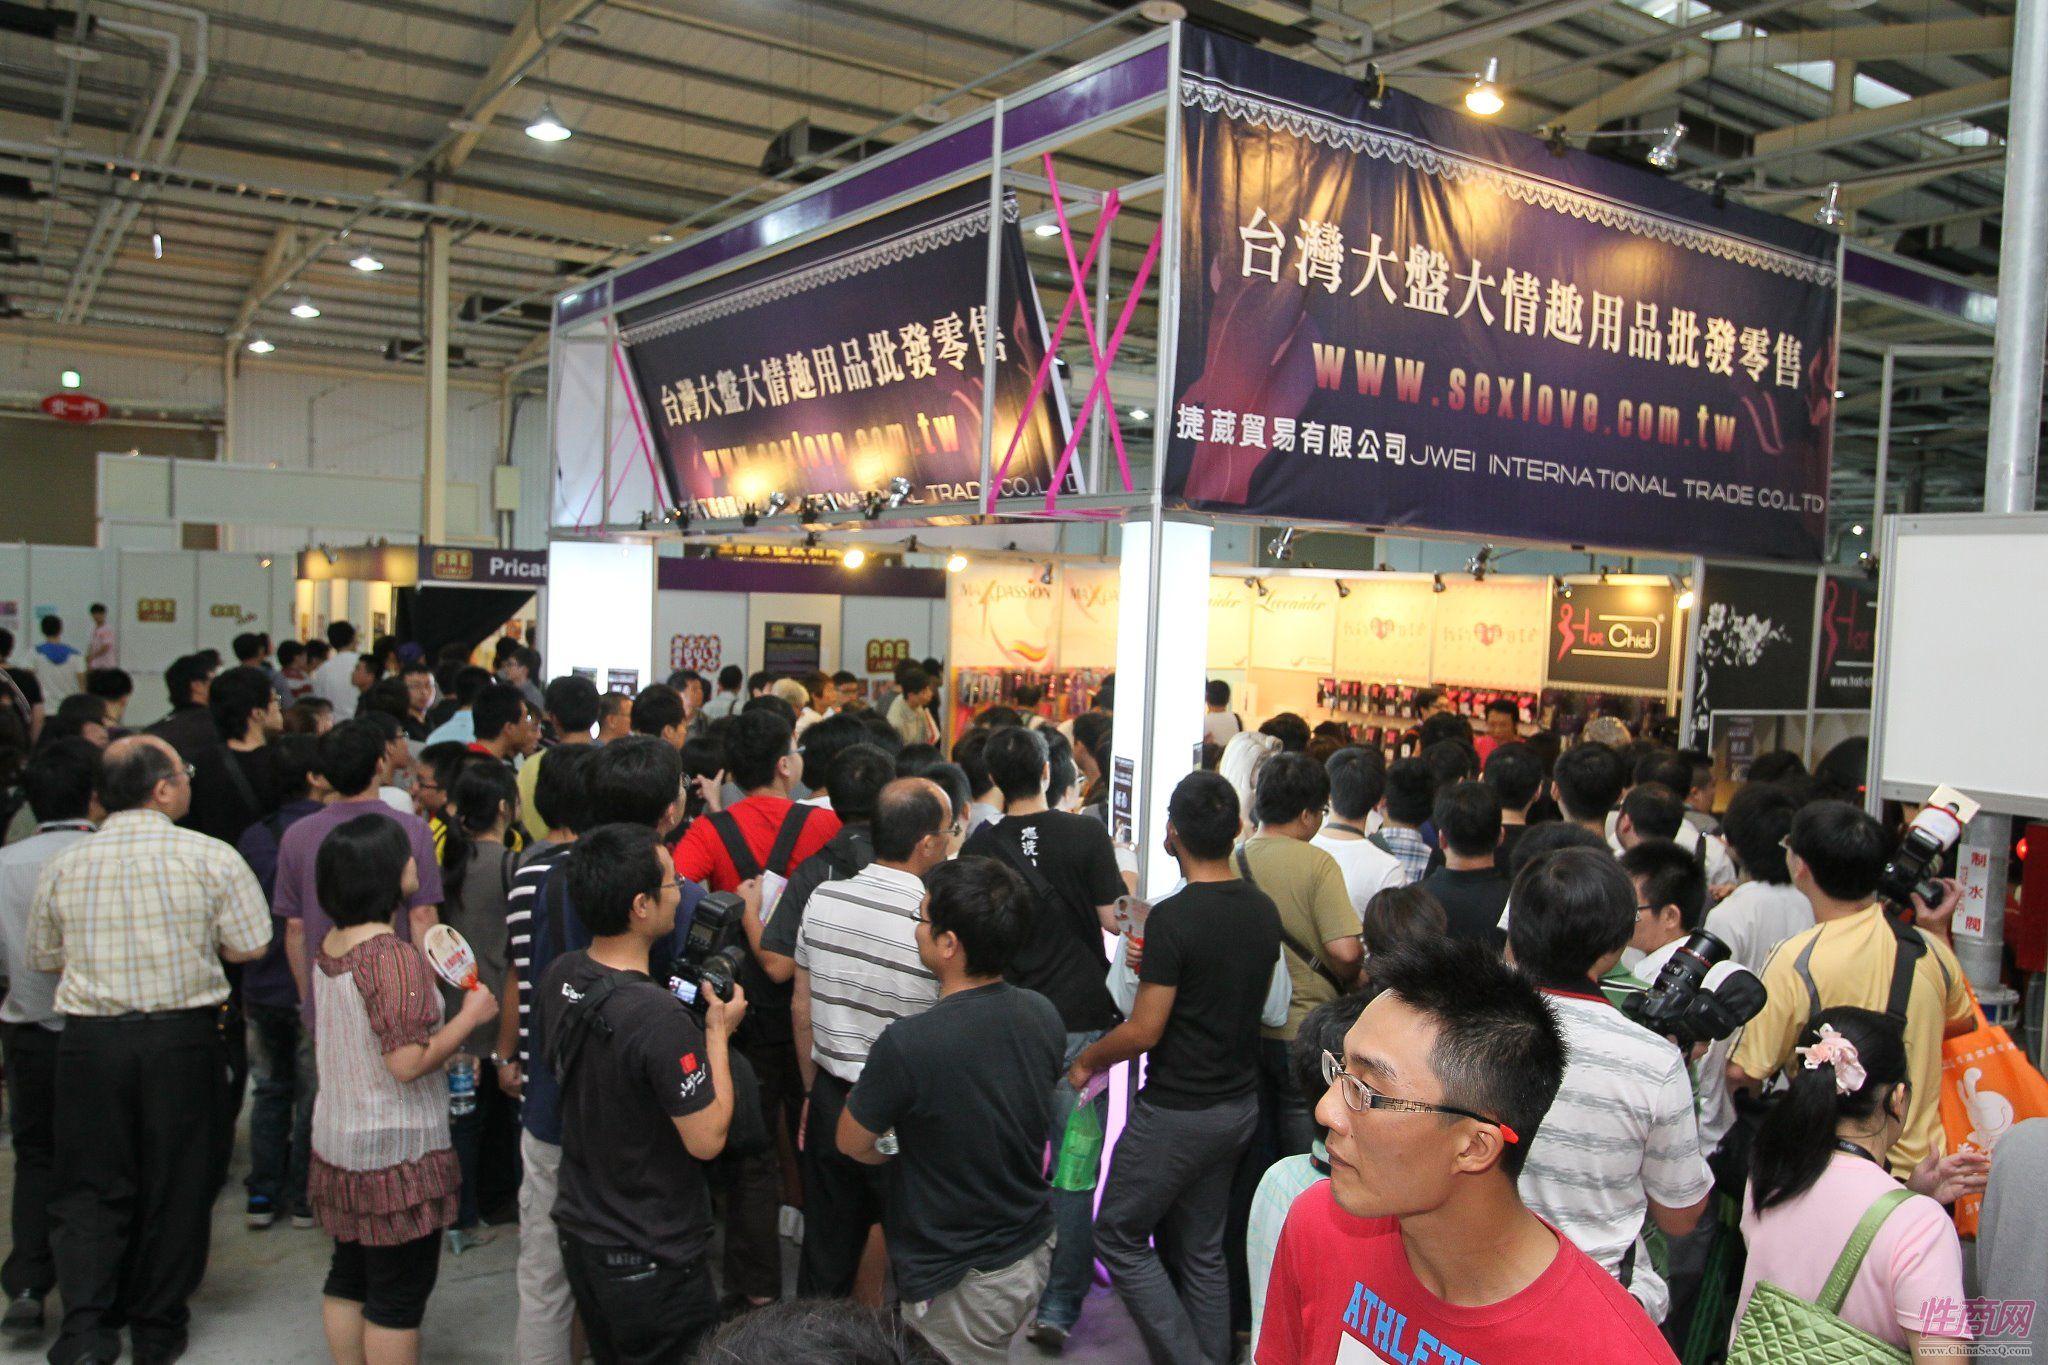 亚洲成人博览进入台湾瞄准宝岛性用品市场图片33